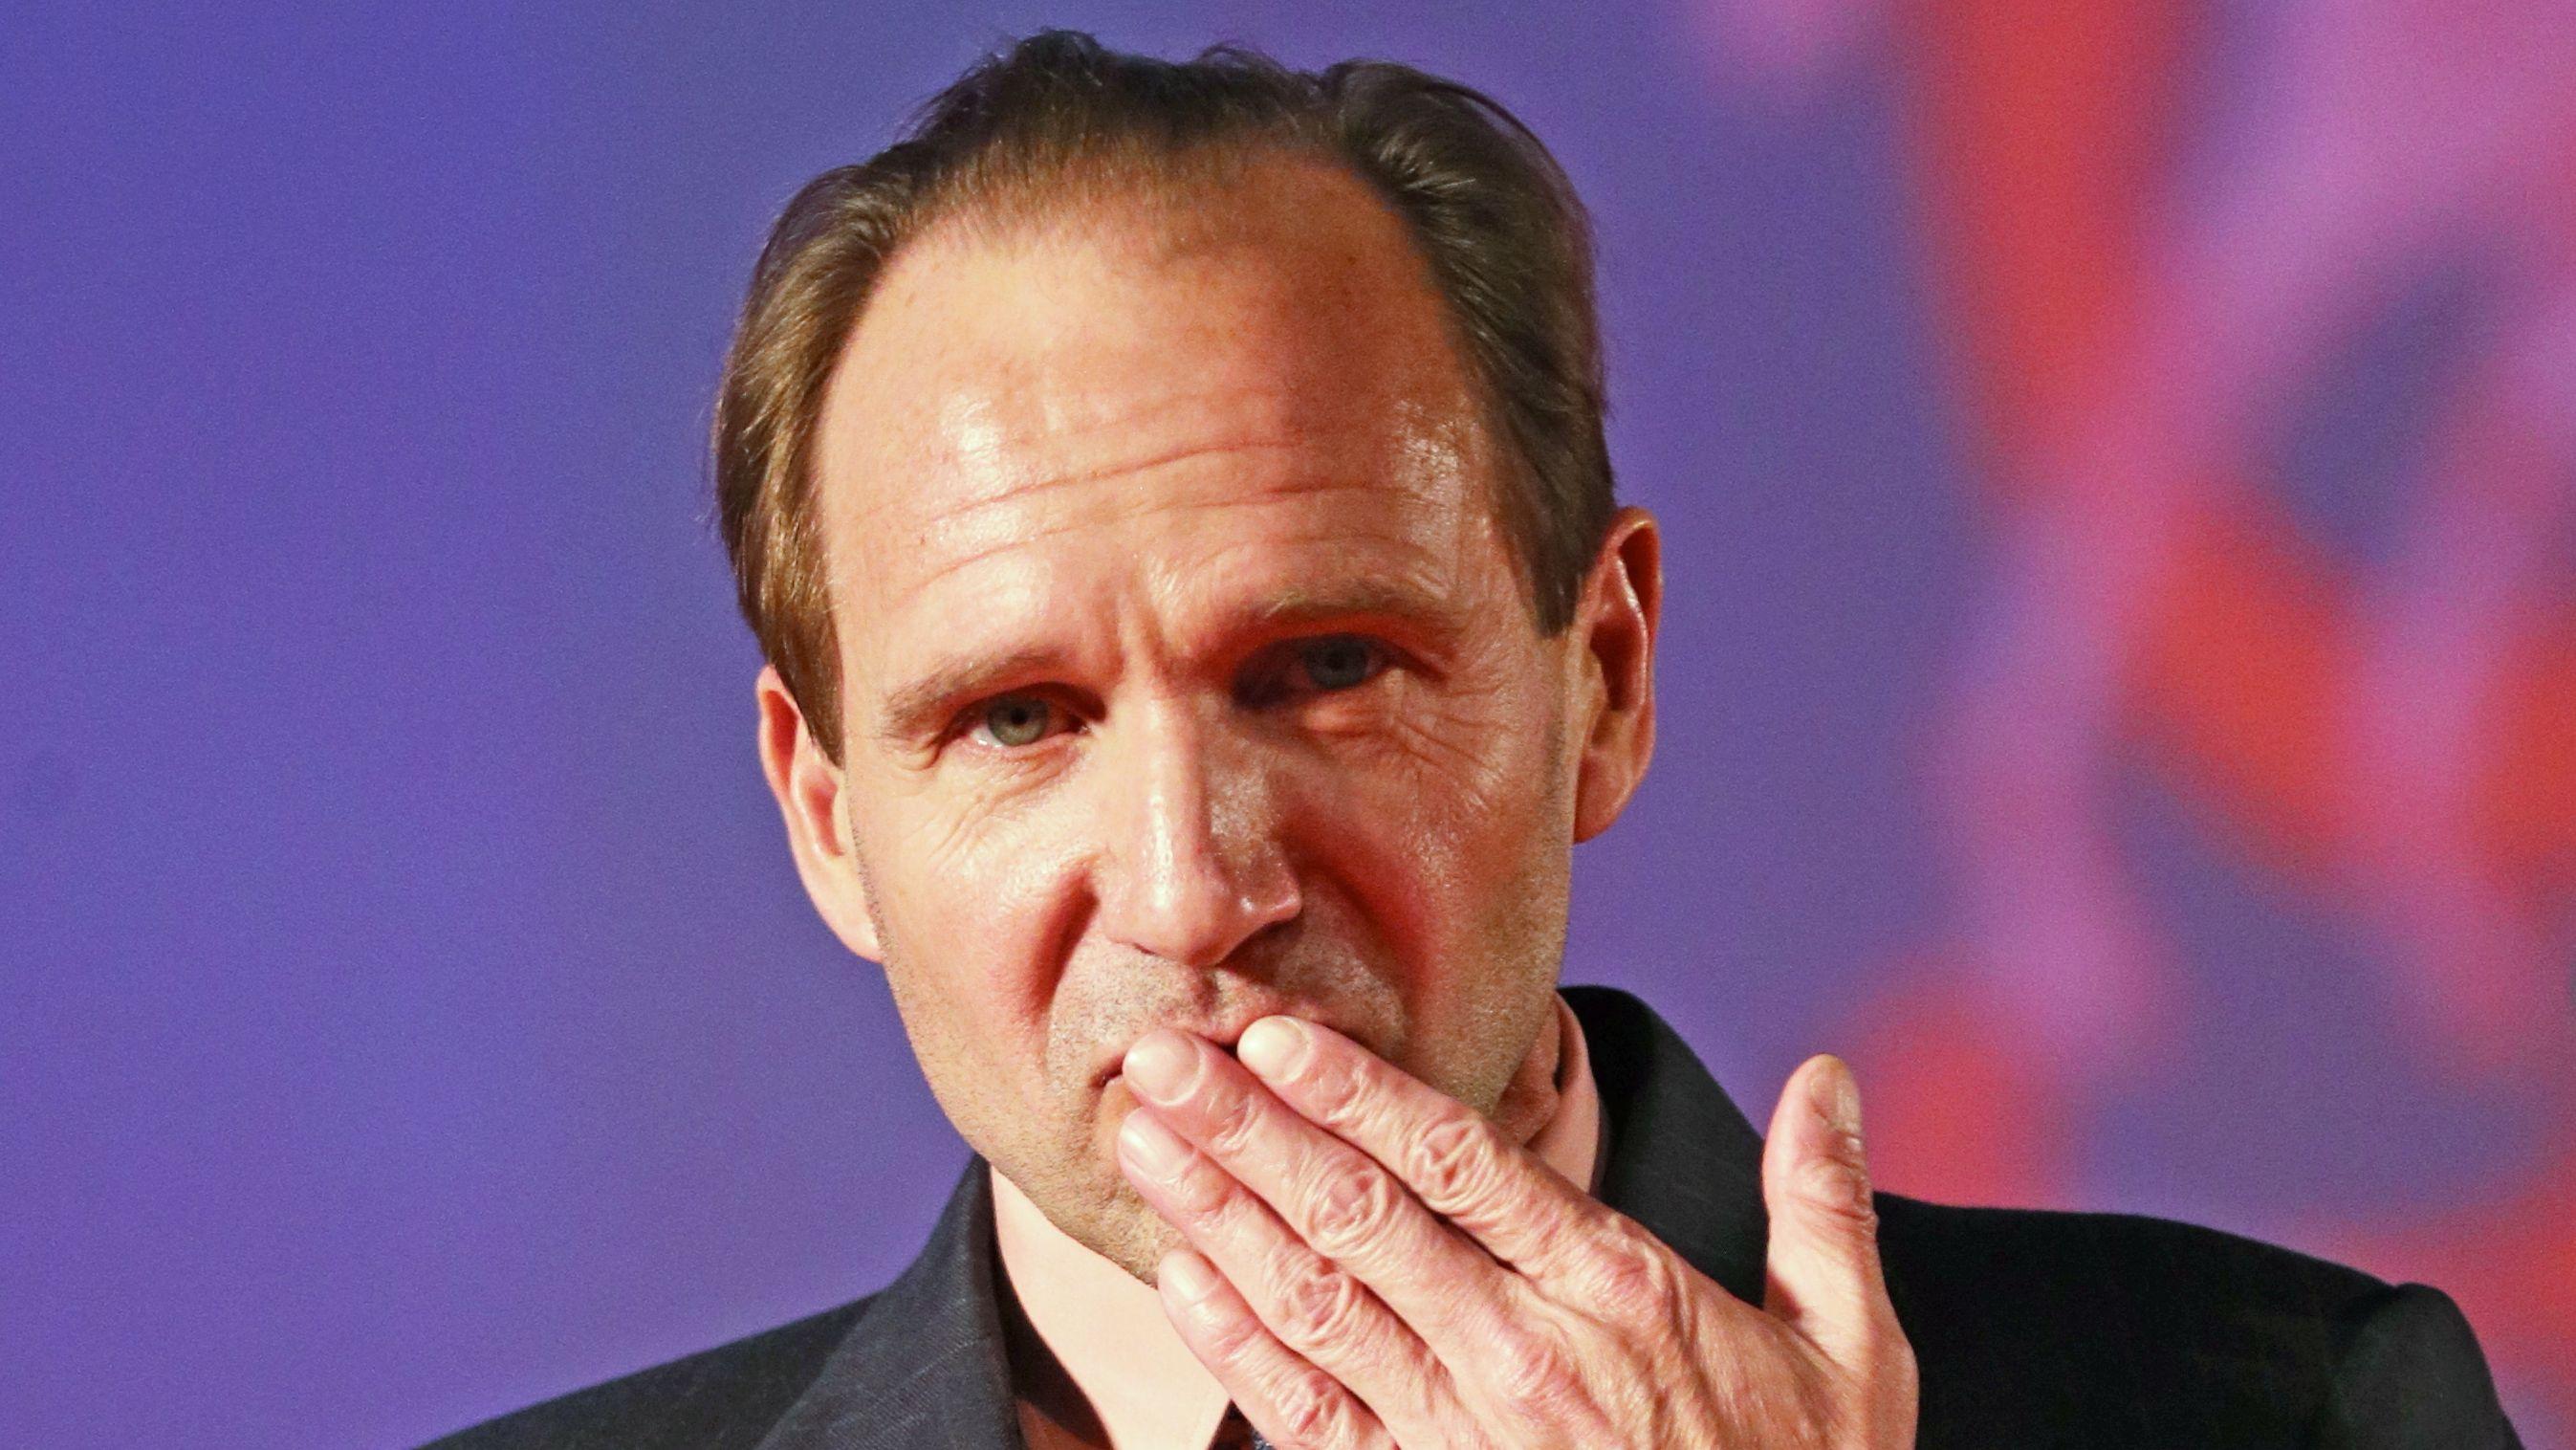 Der britische Schauspieler und Regisseur Ralph Fiennes wirft bei einer Gala in Moskau einen Handkuss ins Publikum